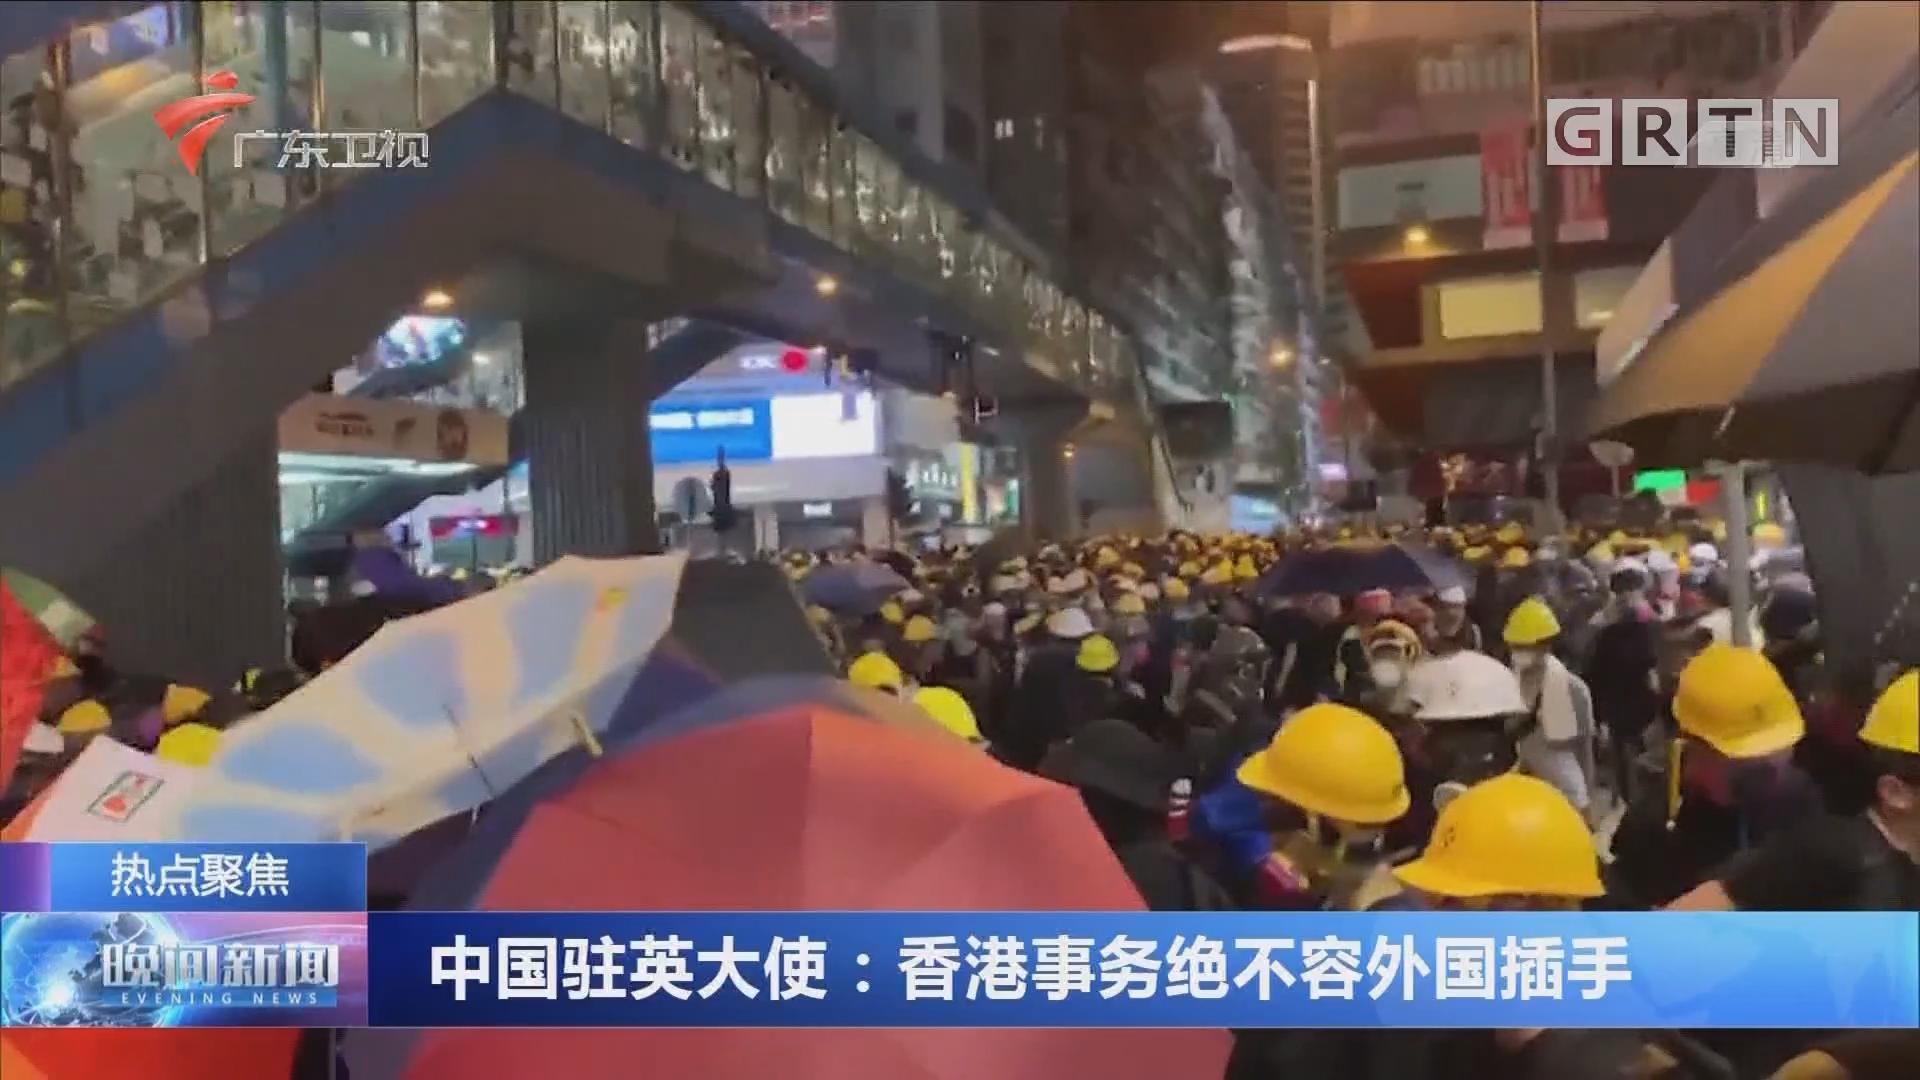 中国驻英大使:香港事务绝不容外国插手